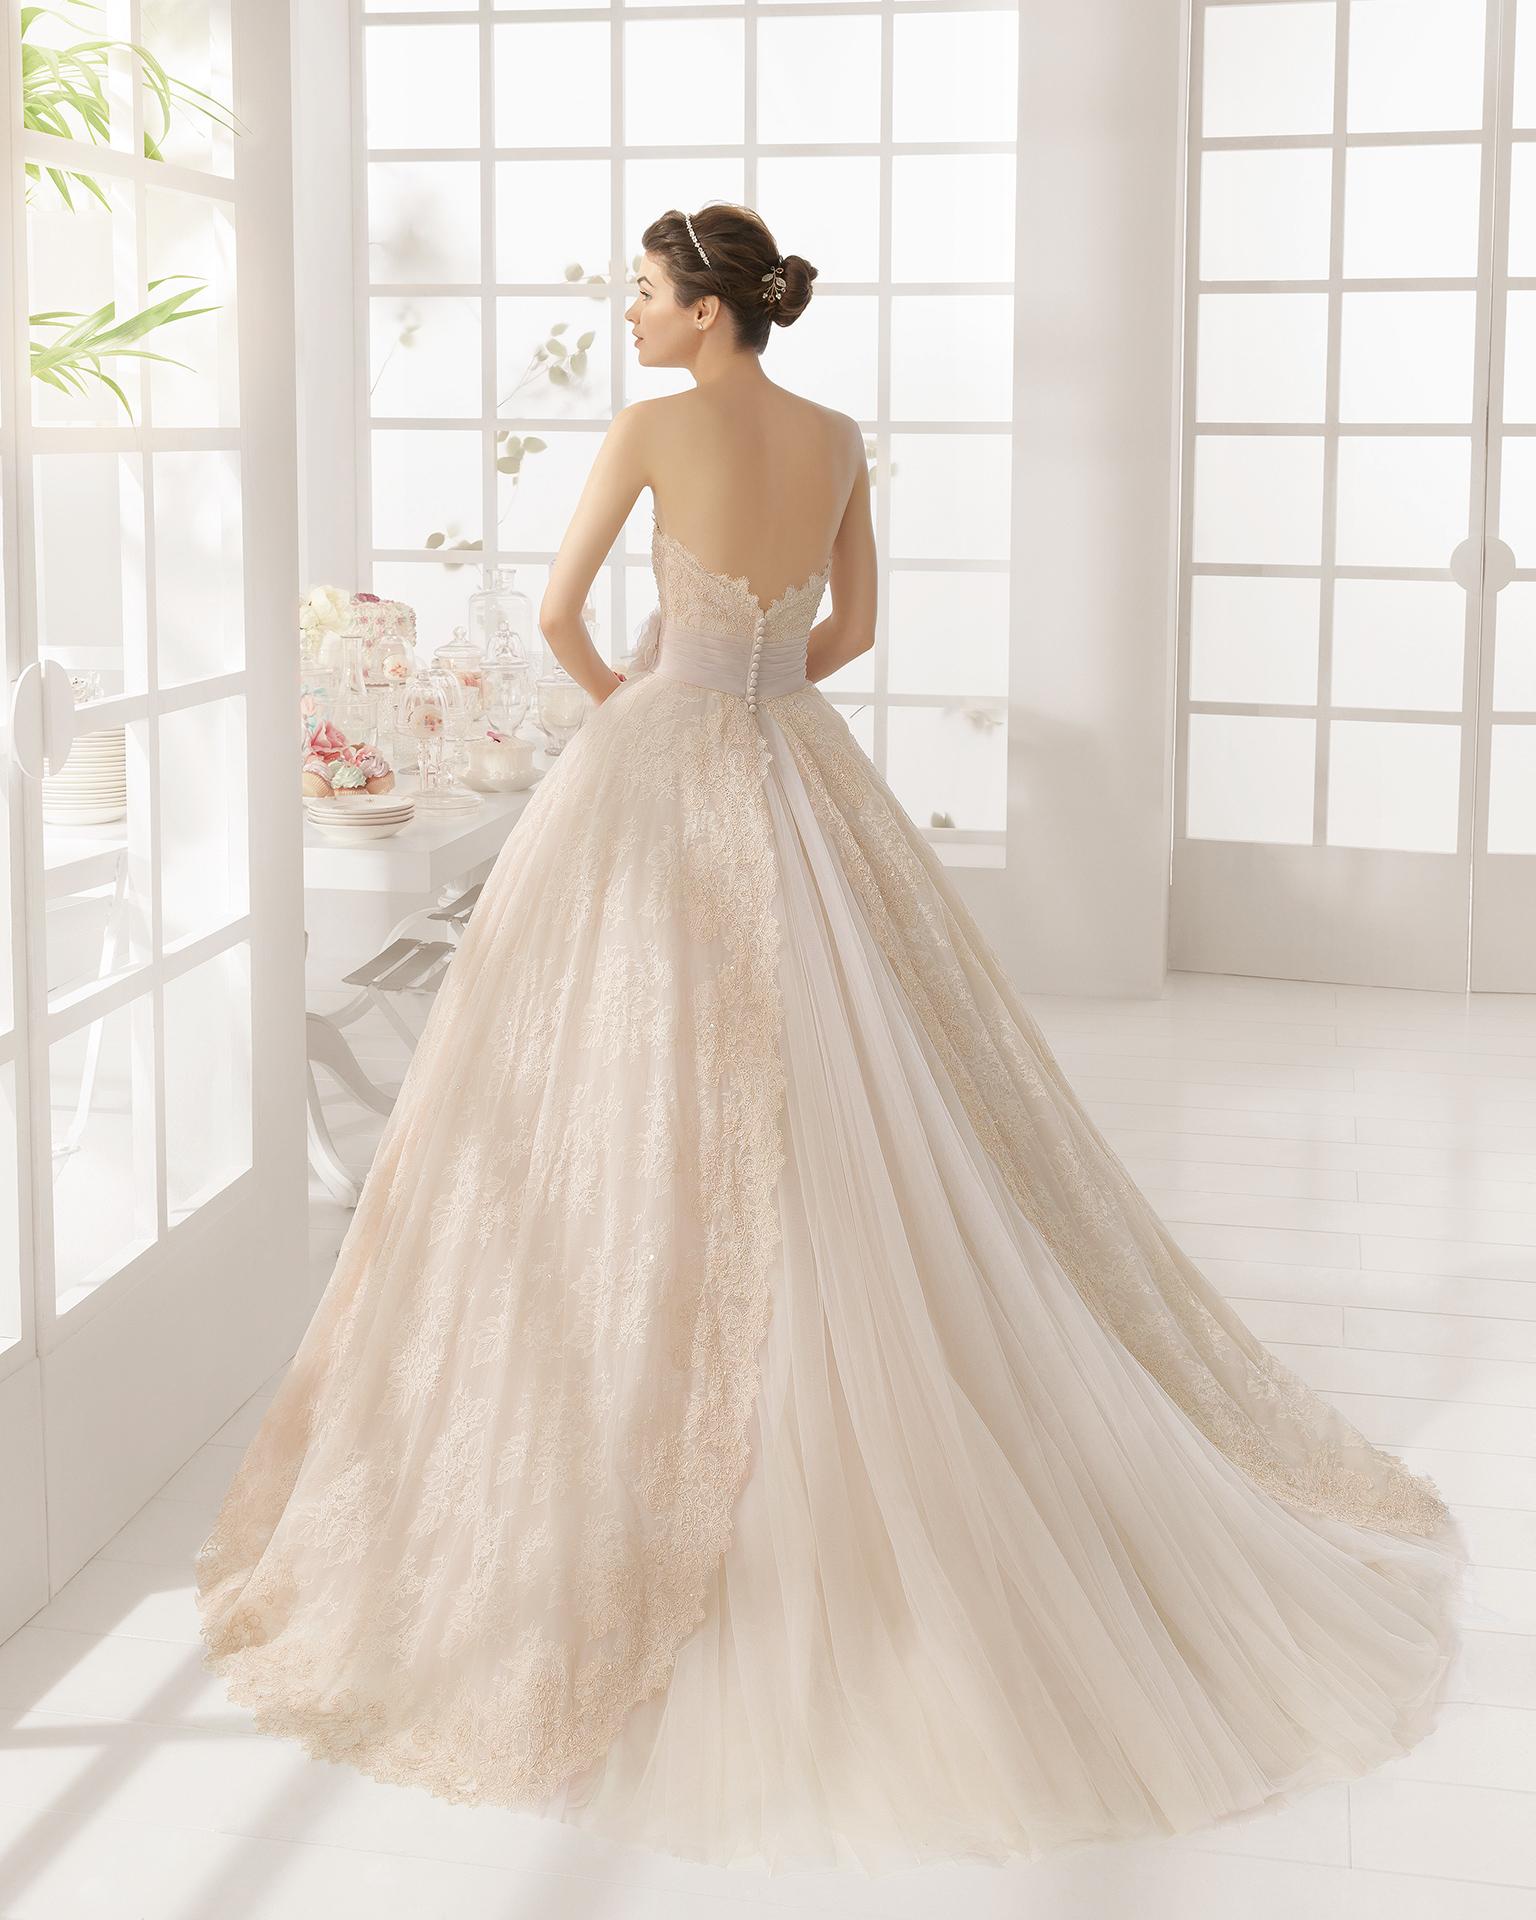 MONTE Hochzeitskleid aus Strass besetzter Spitze.